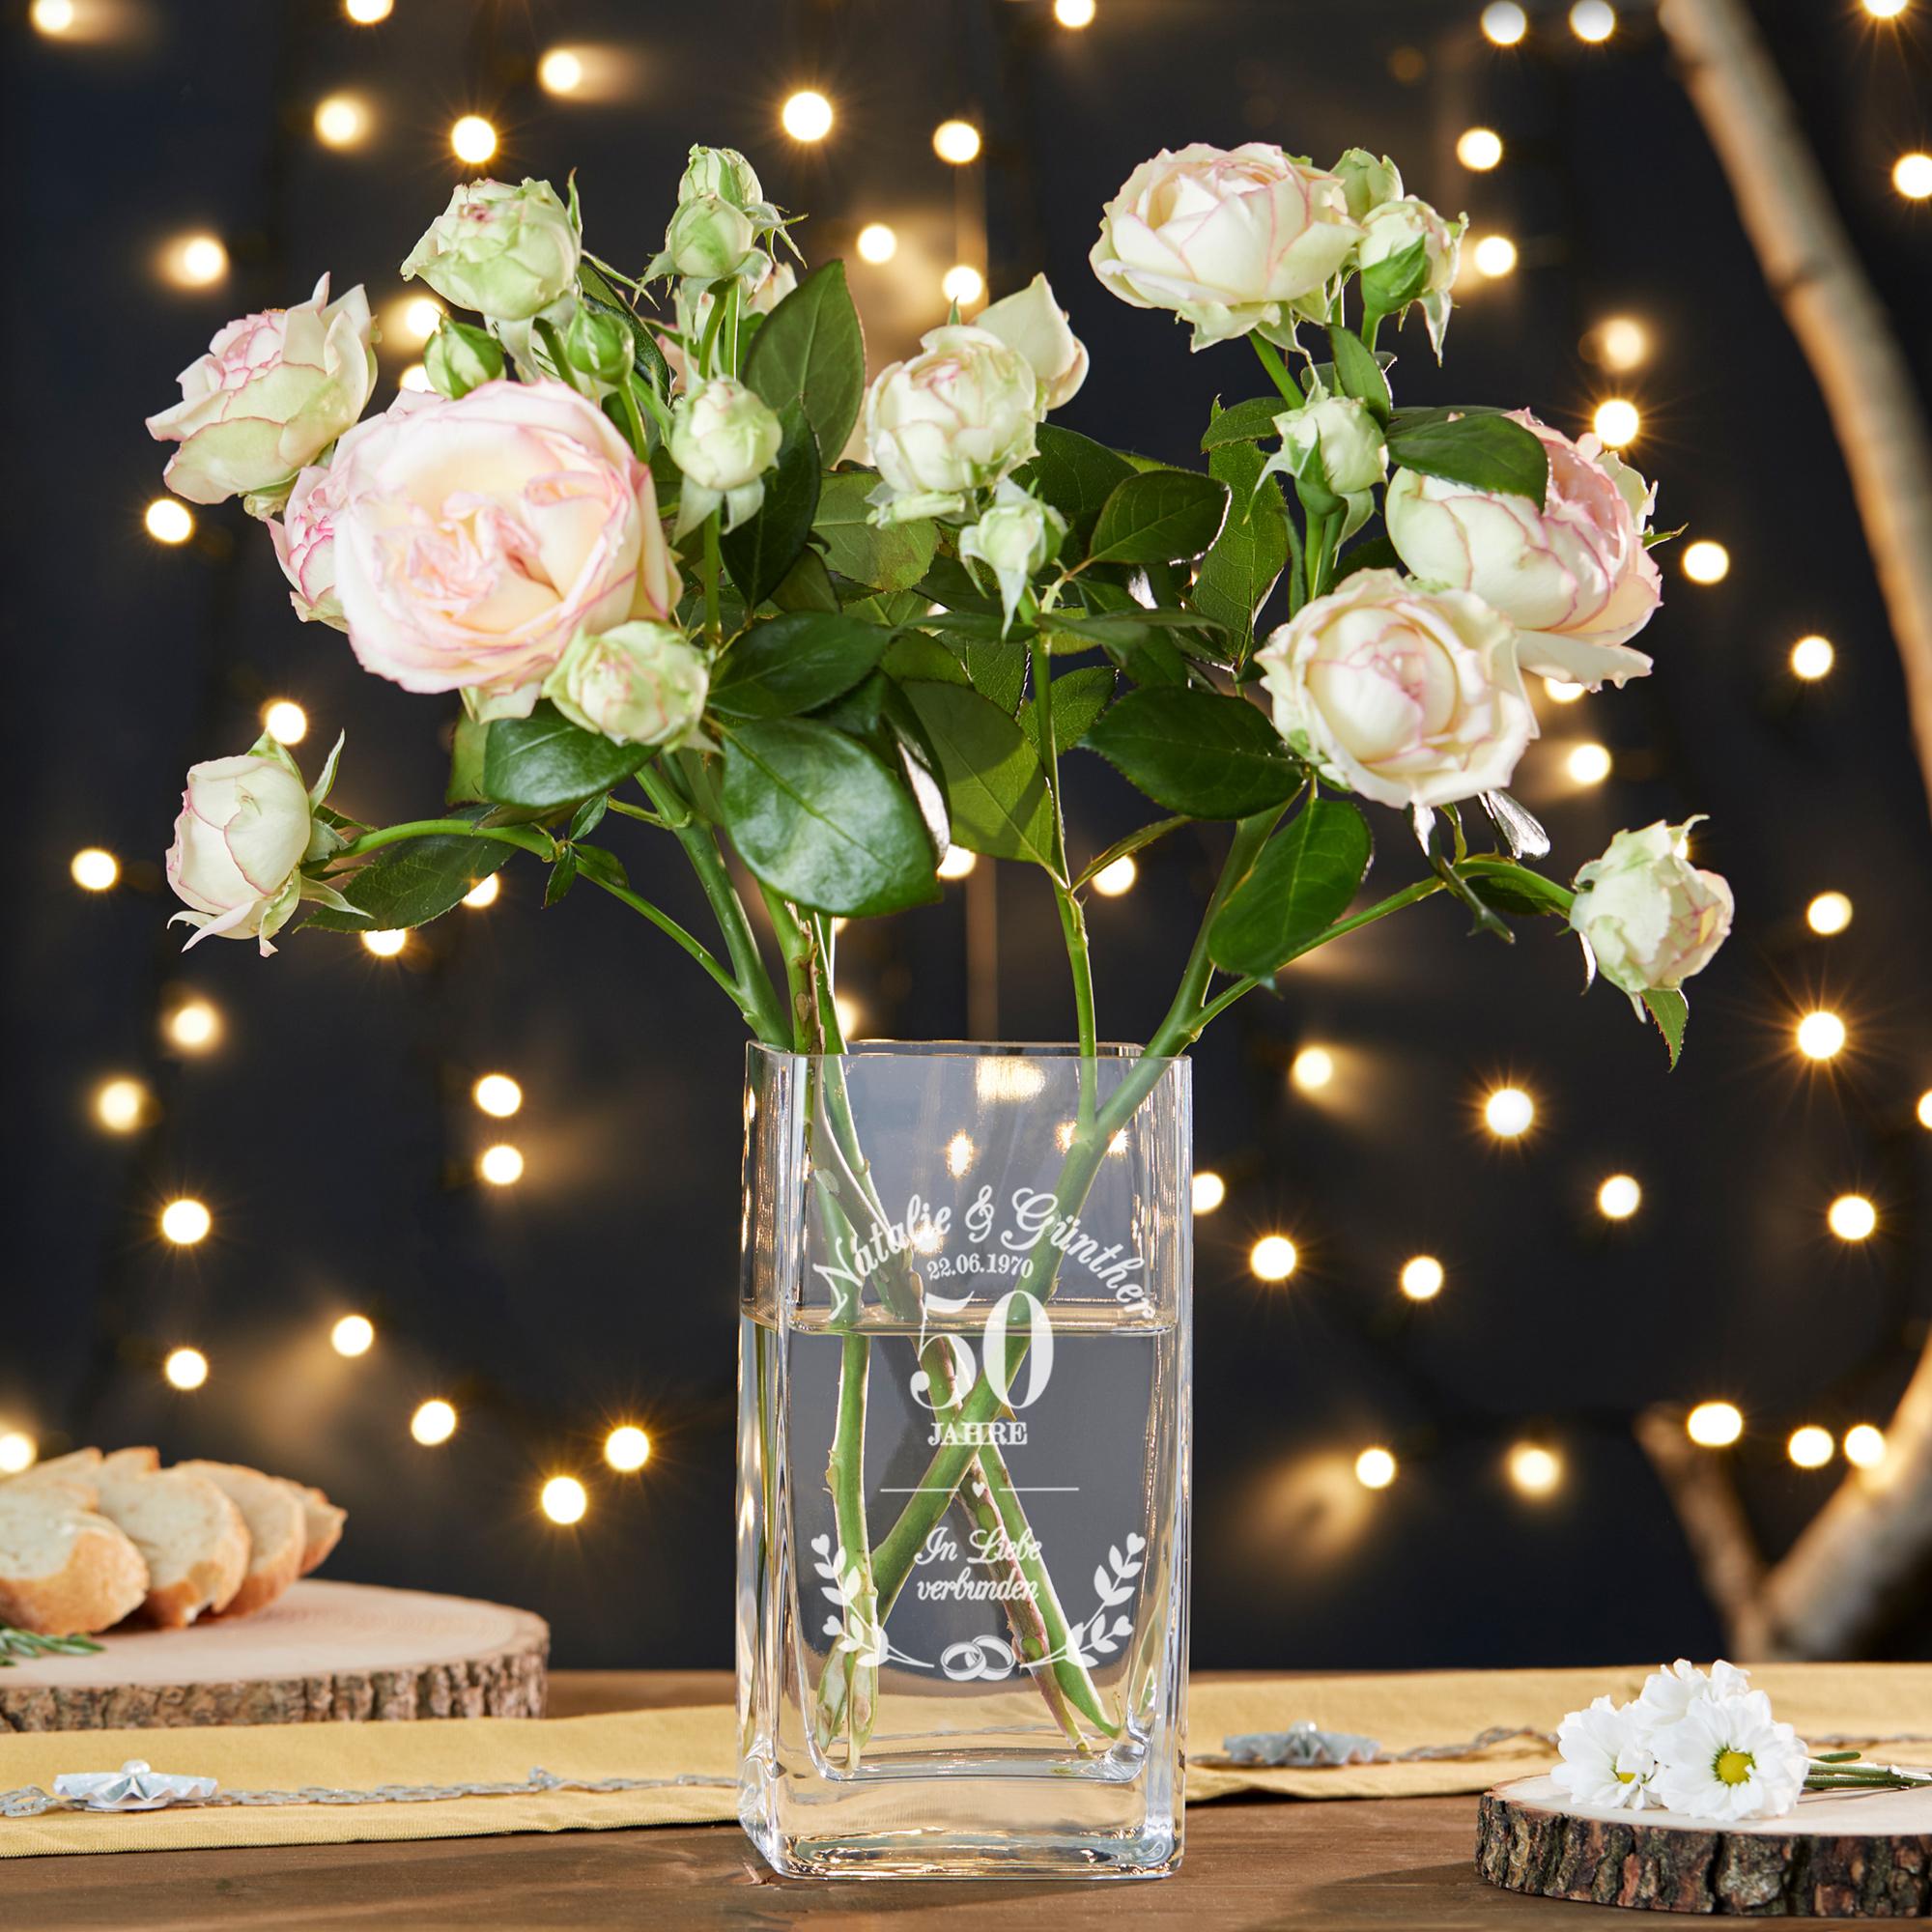 Vase mit Gravur Goldene Hochzeit - Personalisiert